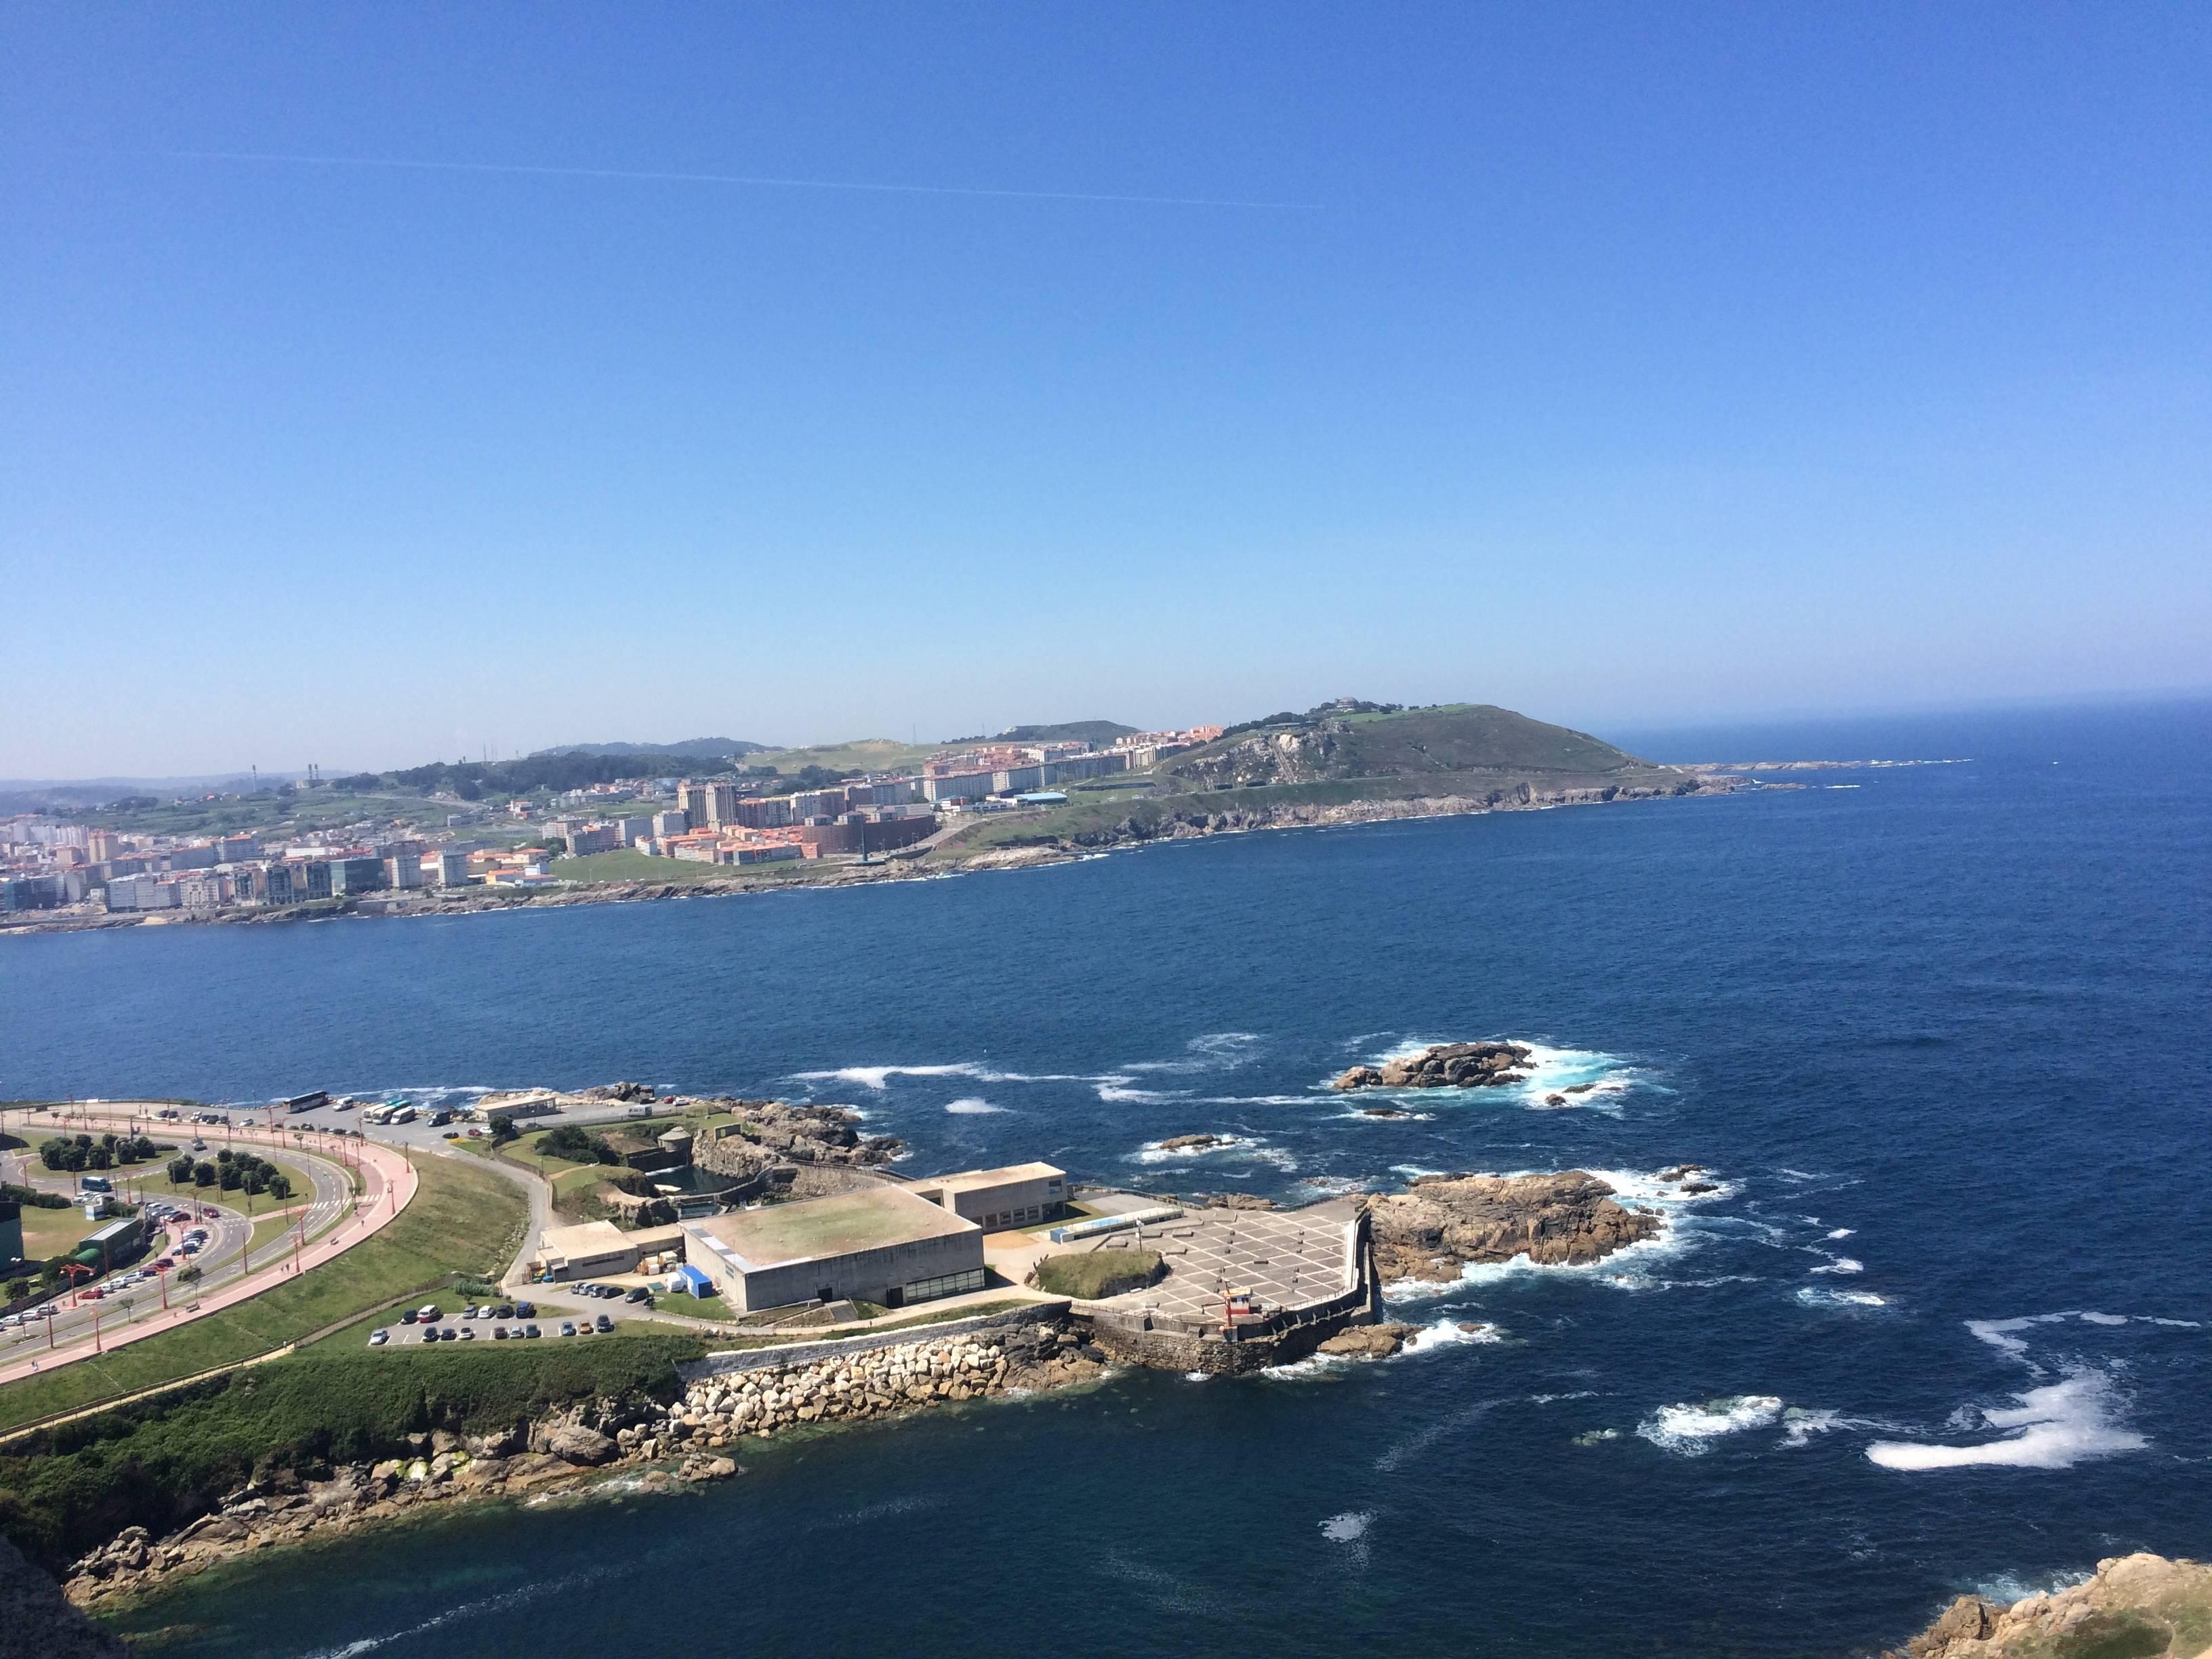 Photo 2: Tour d'hercules A Coruña